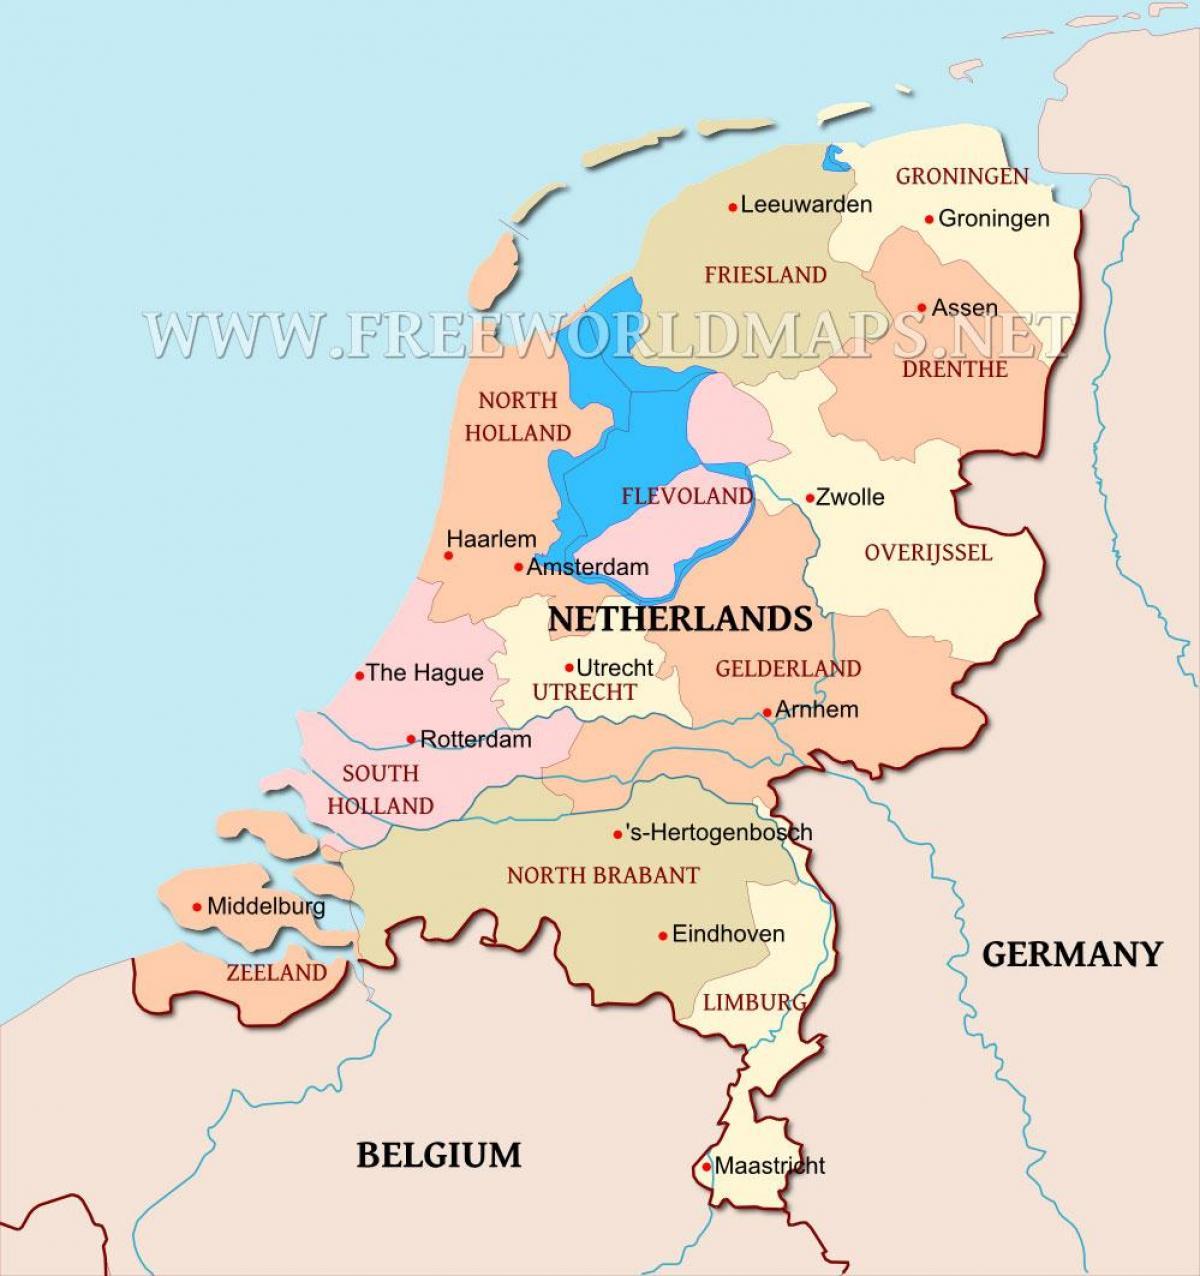 Carte Europe Pays Bas.Pays Carte Des Pays Bas Sur La Carte Europe De L Ouest